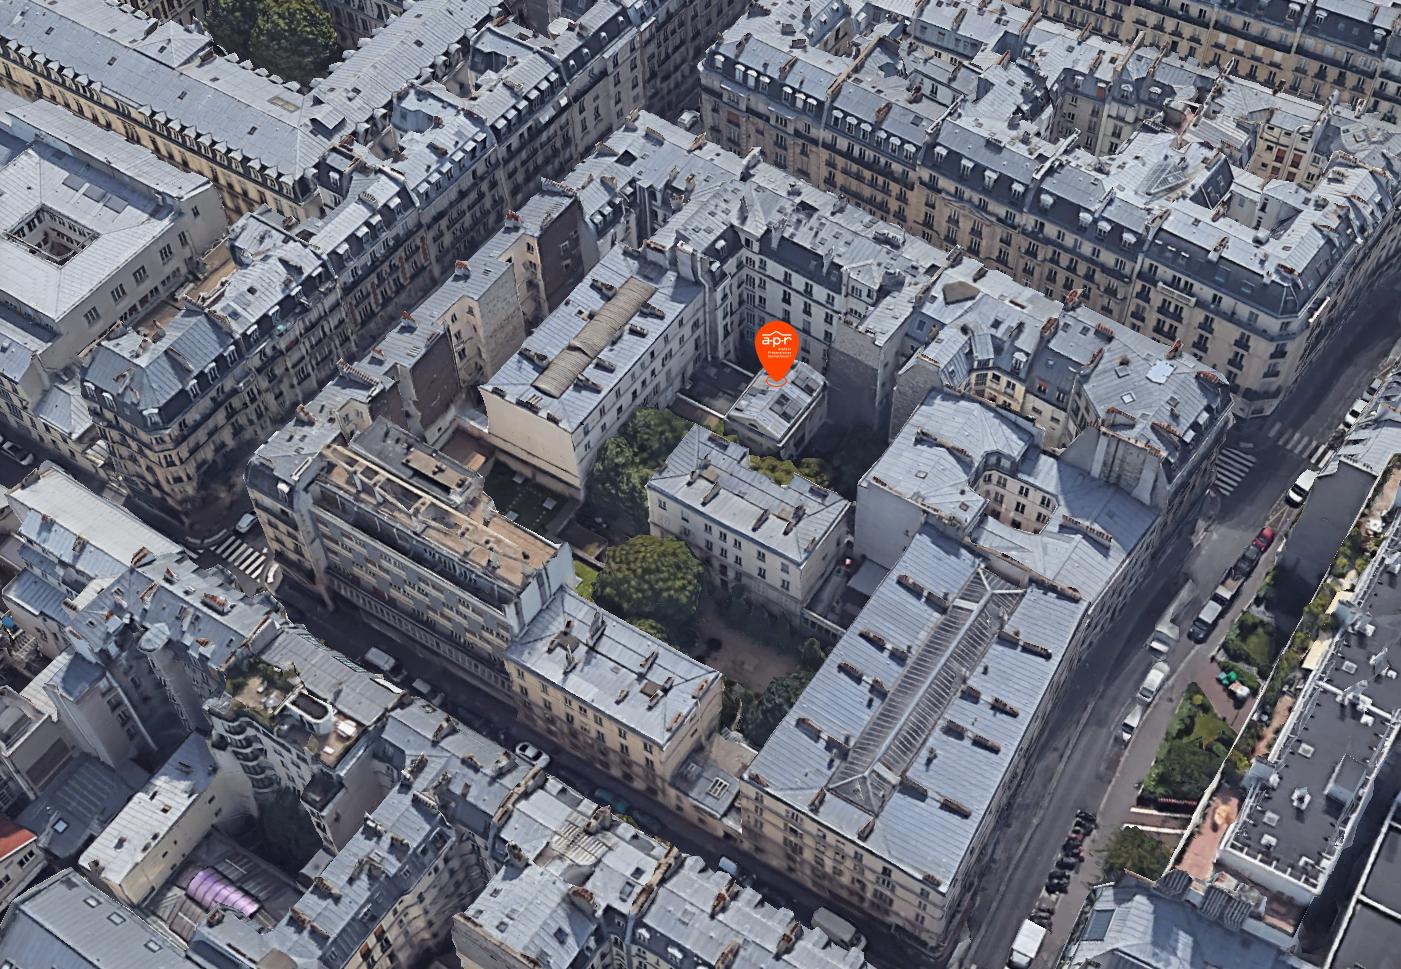 Ateliers-Préparatoires-Rochechouart-A.P.R.-Ecole-wedding-palnning-Paris-ecole-Paris-Formation-opca-micro-entreprise-metiers-mariage-evenementiel-opca-auto-entreprise-paris.jpg